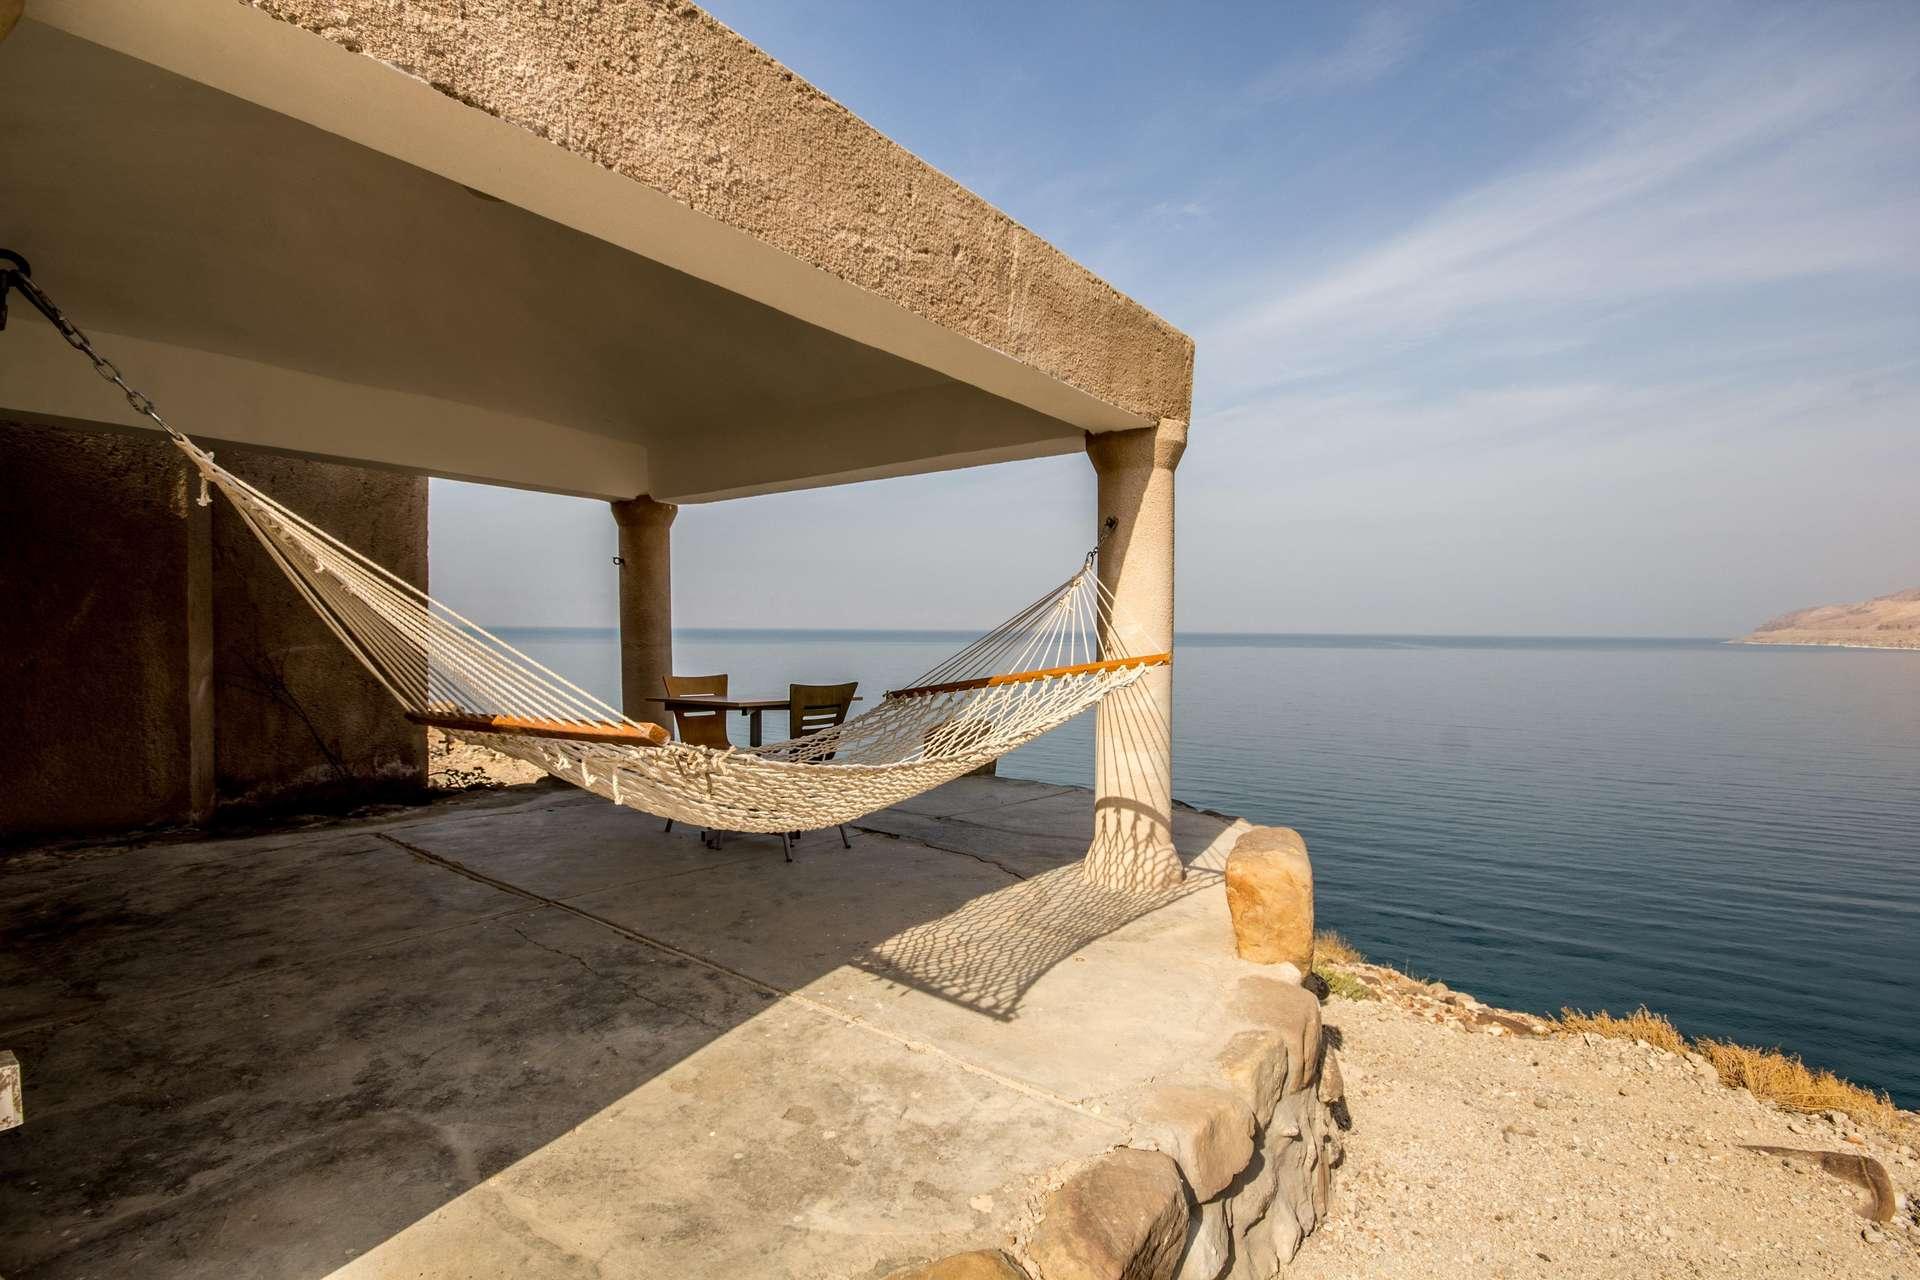 Mujib Chalets - Dode Zee